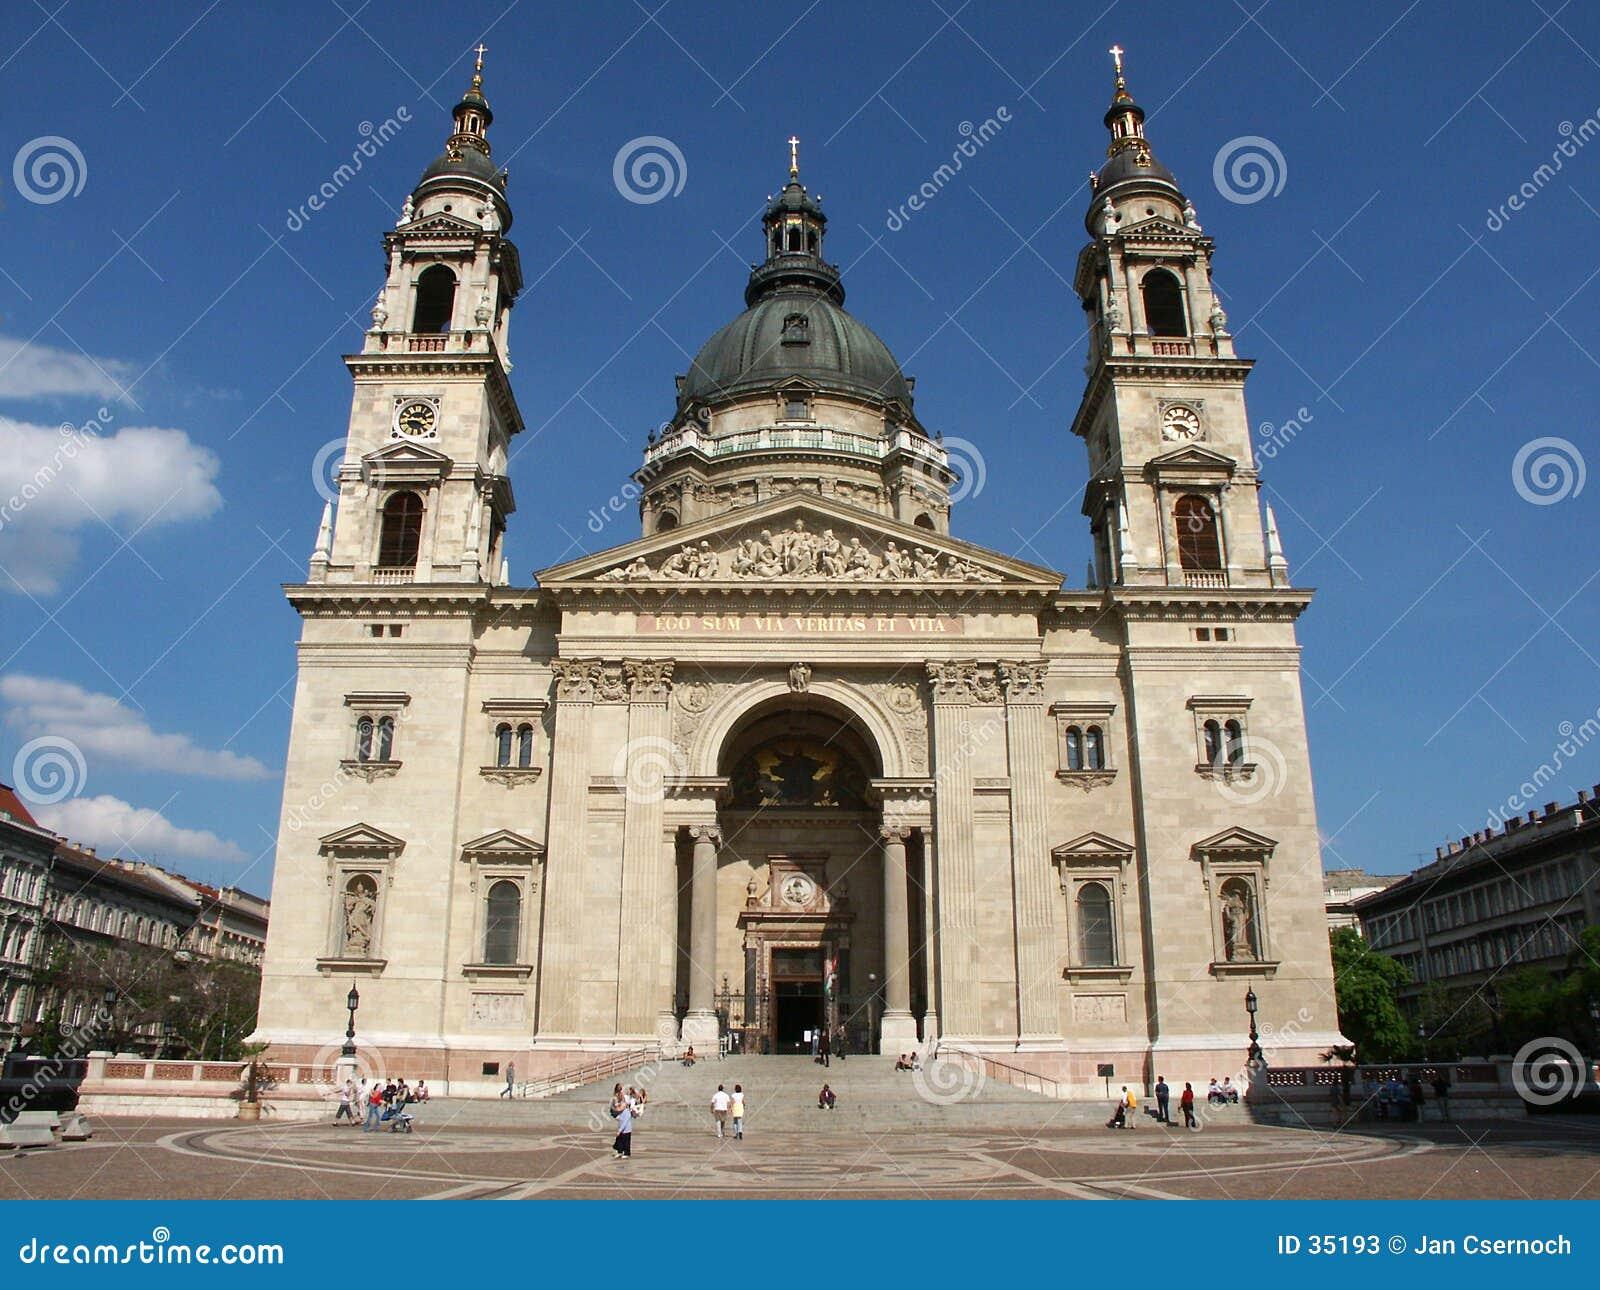 Facade of Saint Steven s Basilica